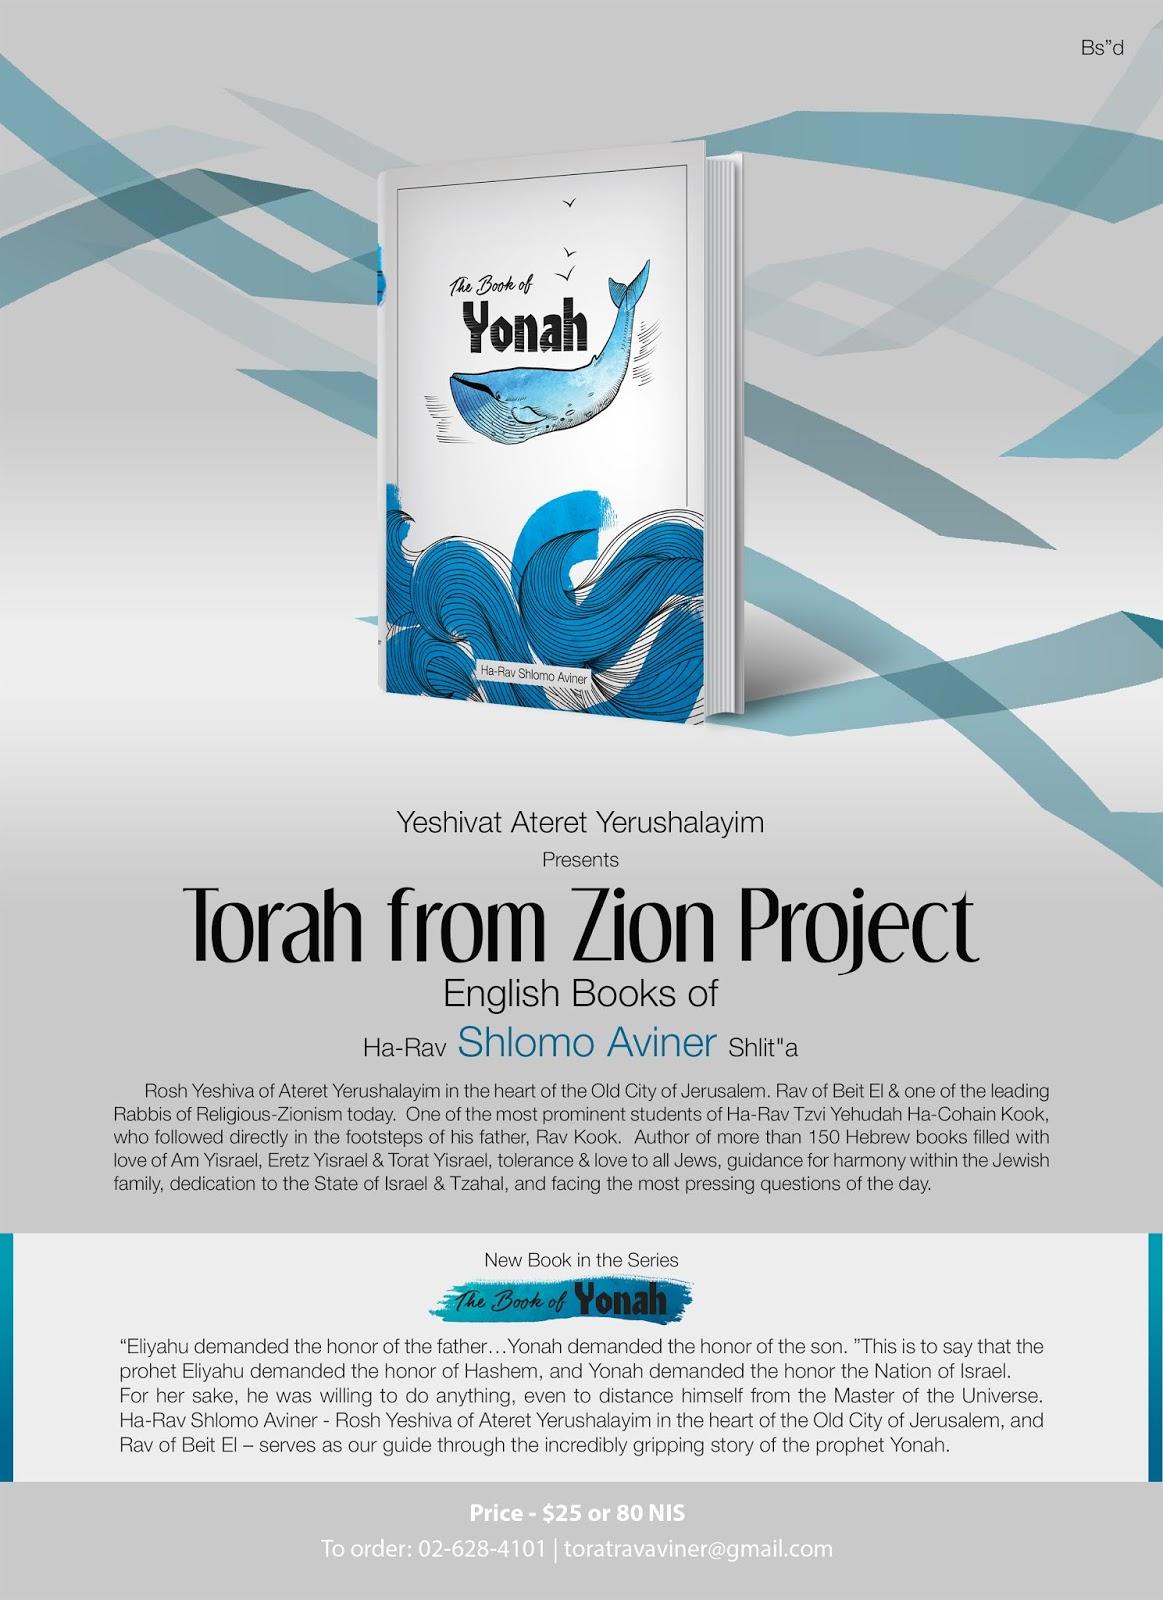 Torat HaRav Aviner: New English book from HaRav Shlomo Aviner - 10th